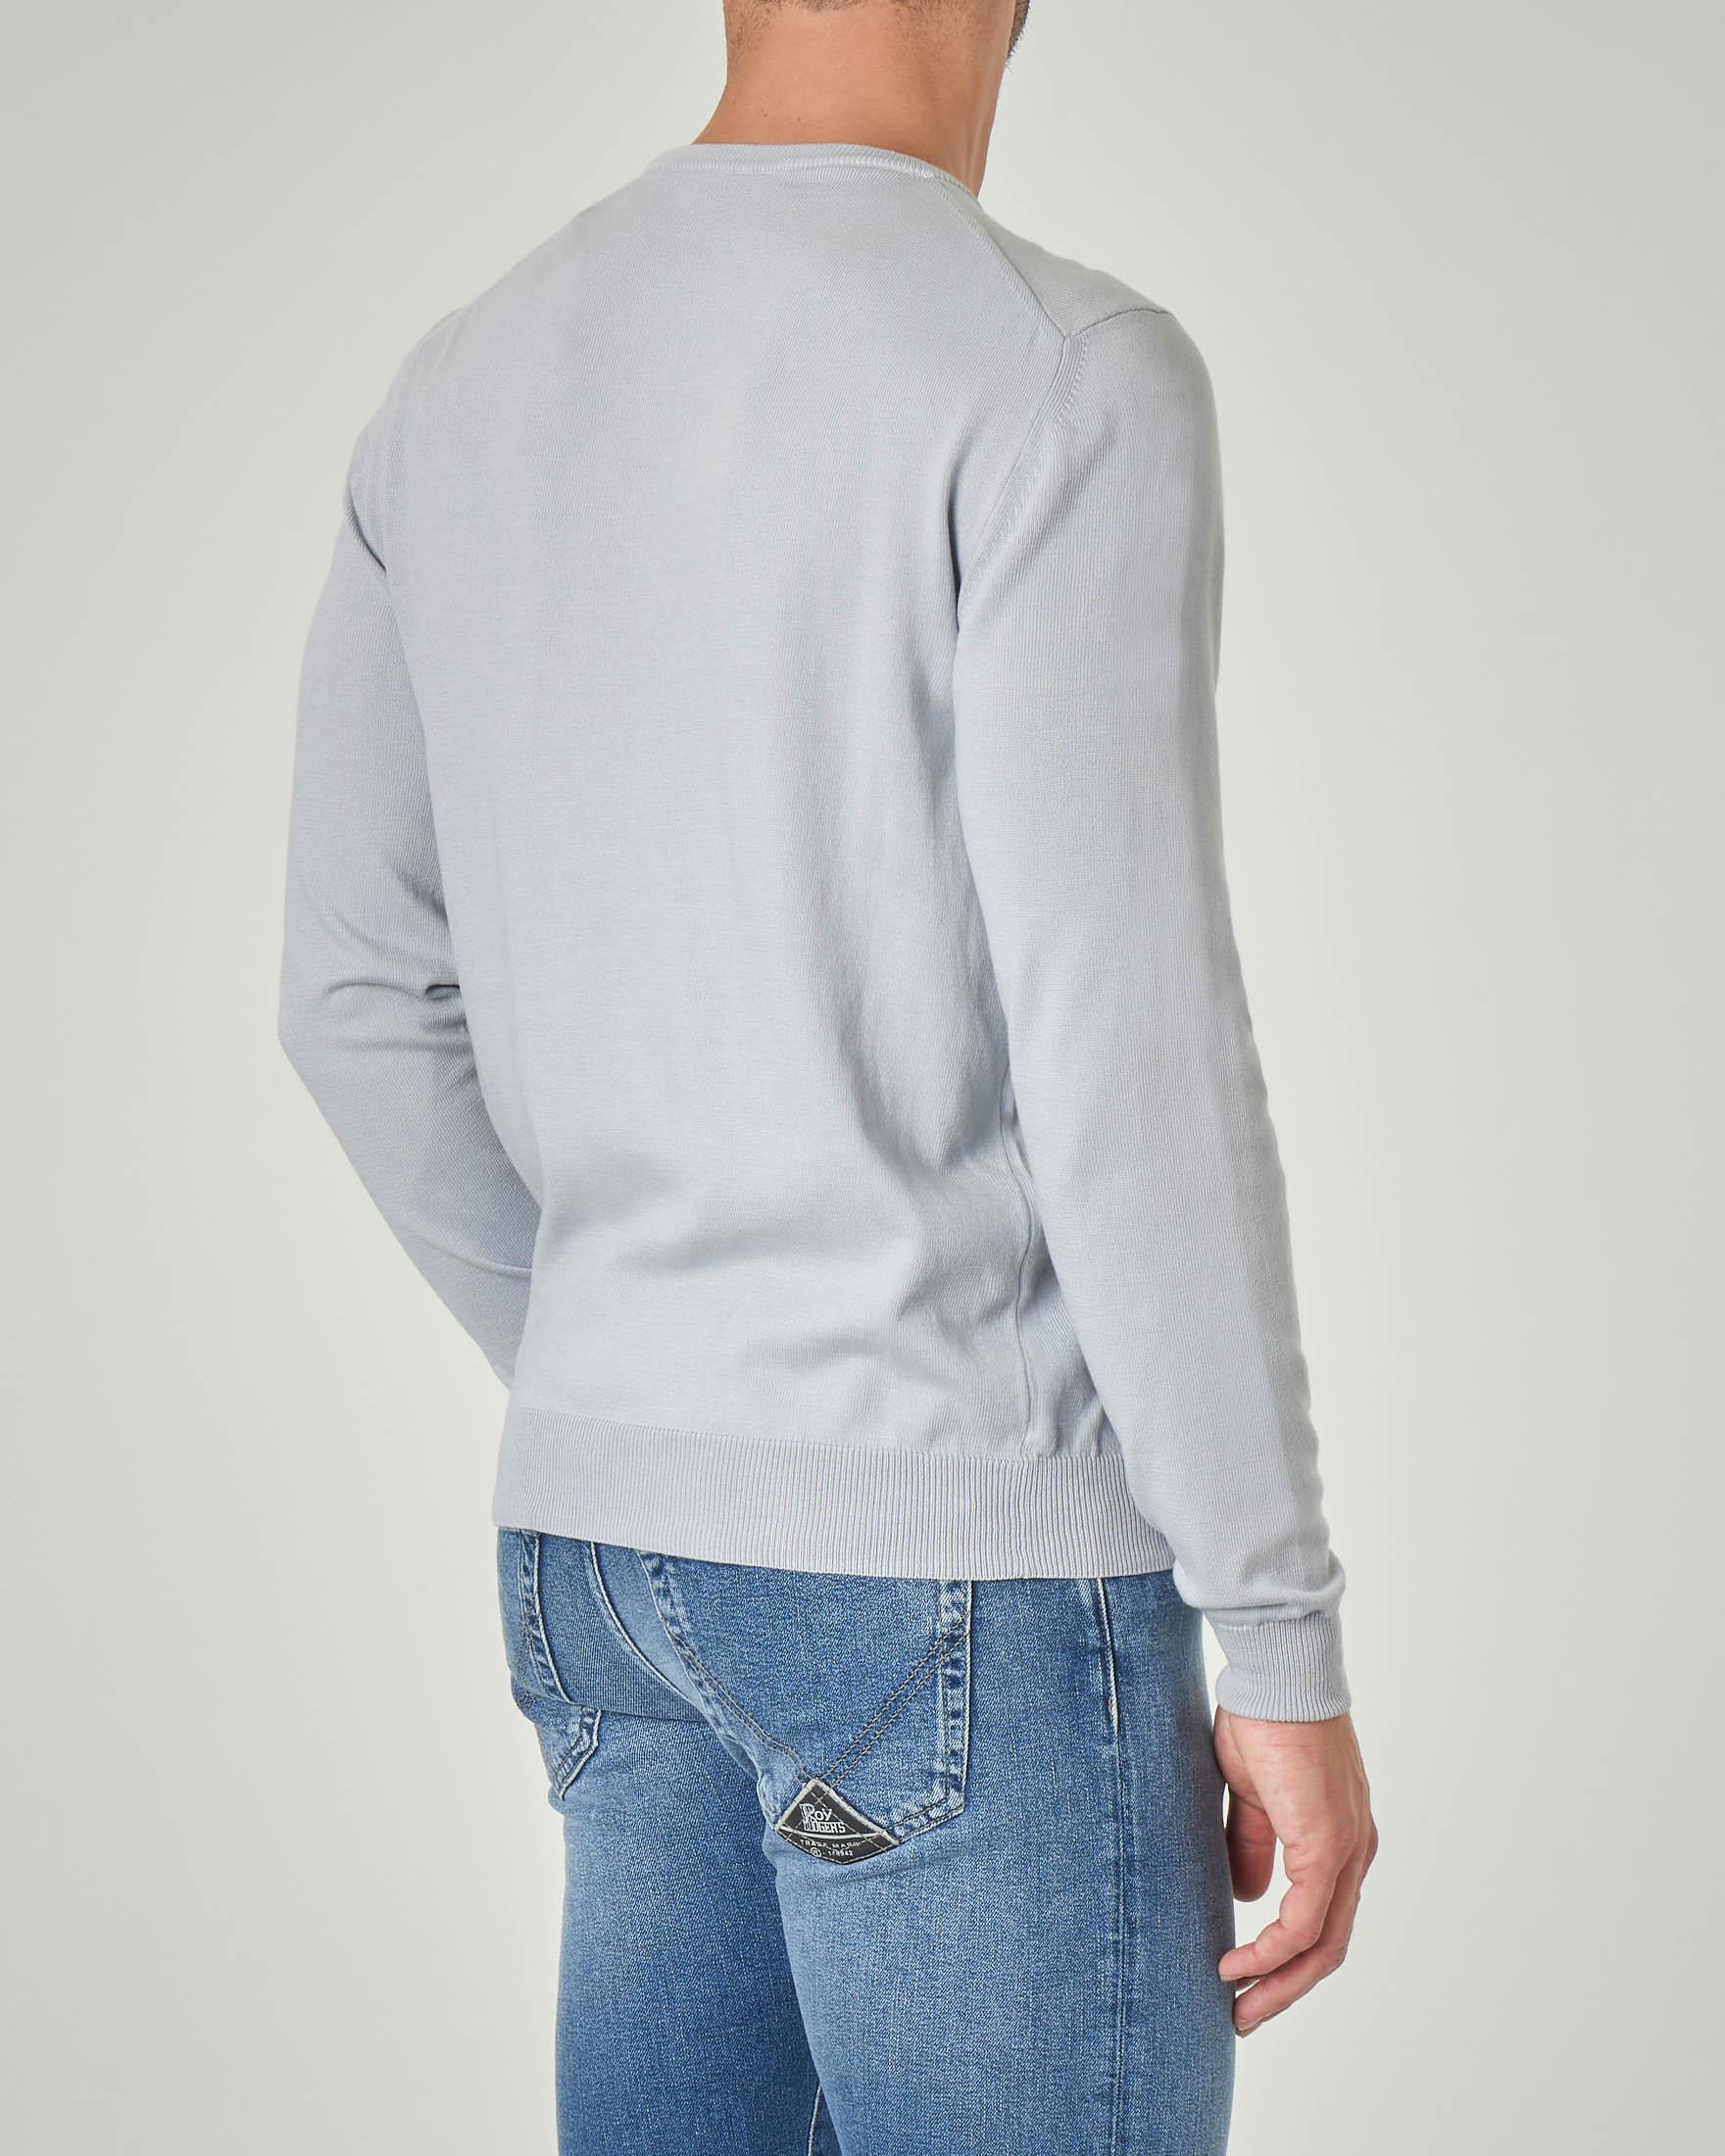 Maglia grigio chiaro girocollo in cotone